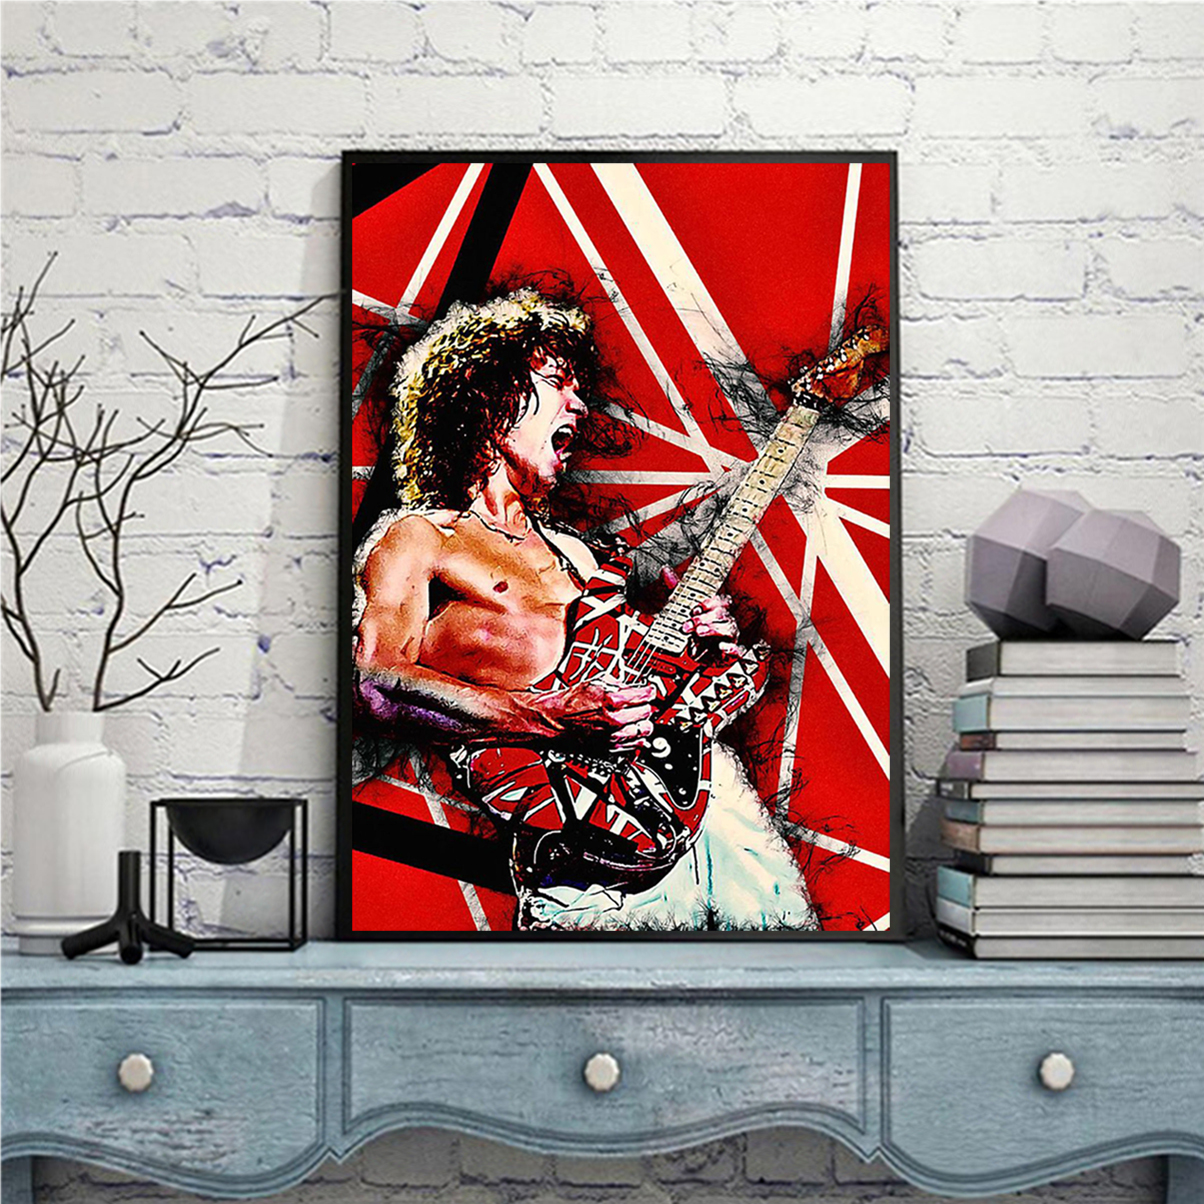 Eddie van halen guitar poster A3